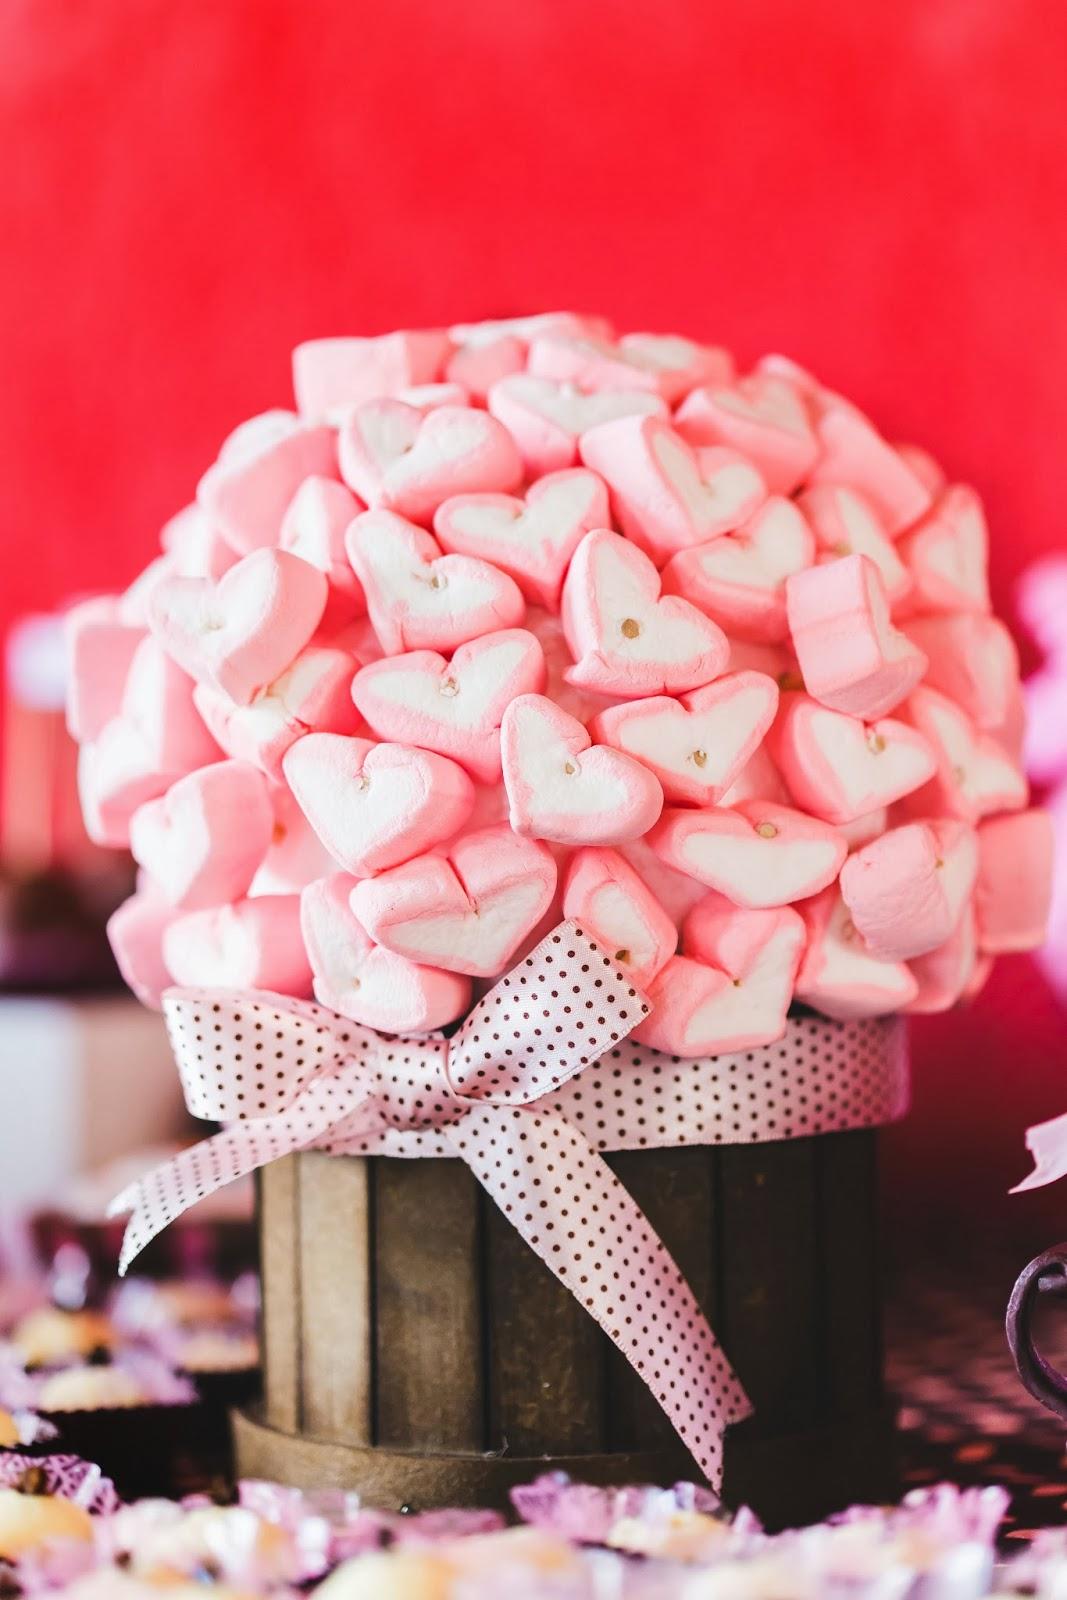 chá - chá de panela - chá rosa marrom - paleta rosa marrom - guloseimas - coracao - mesa doces